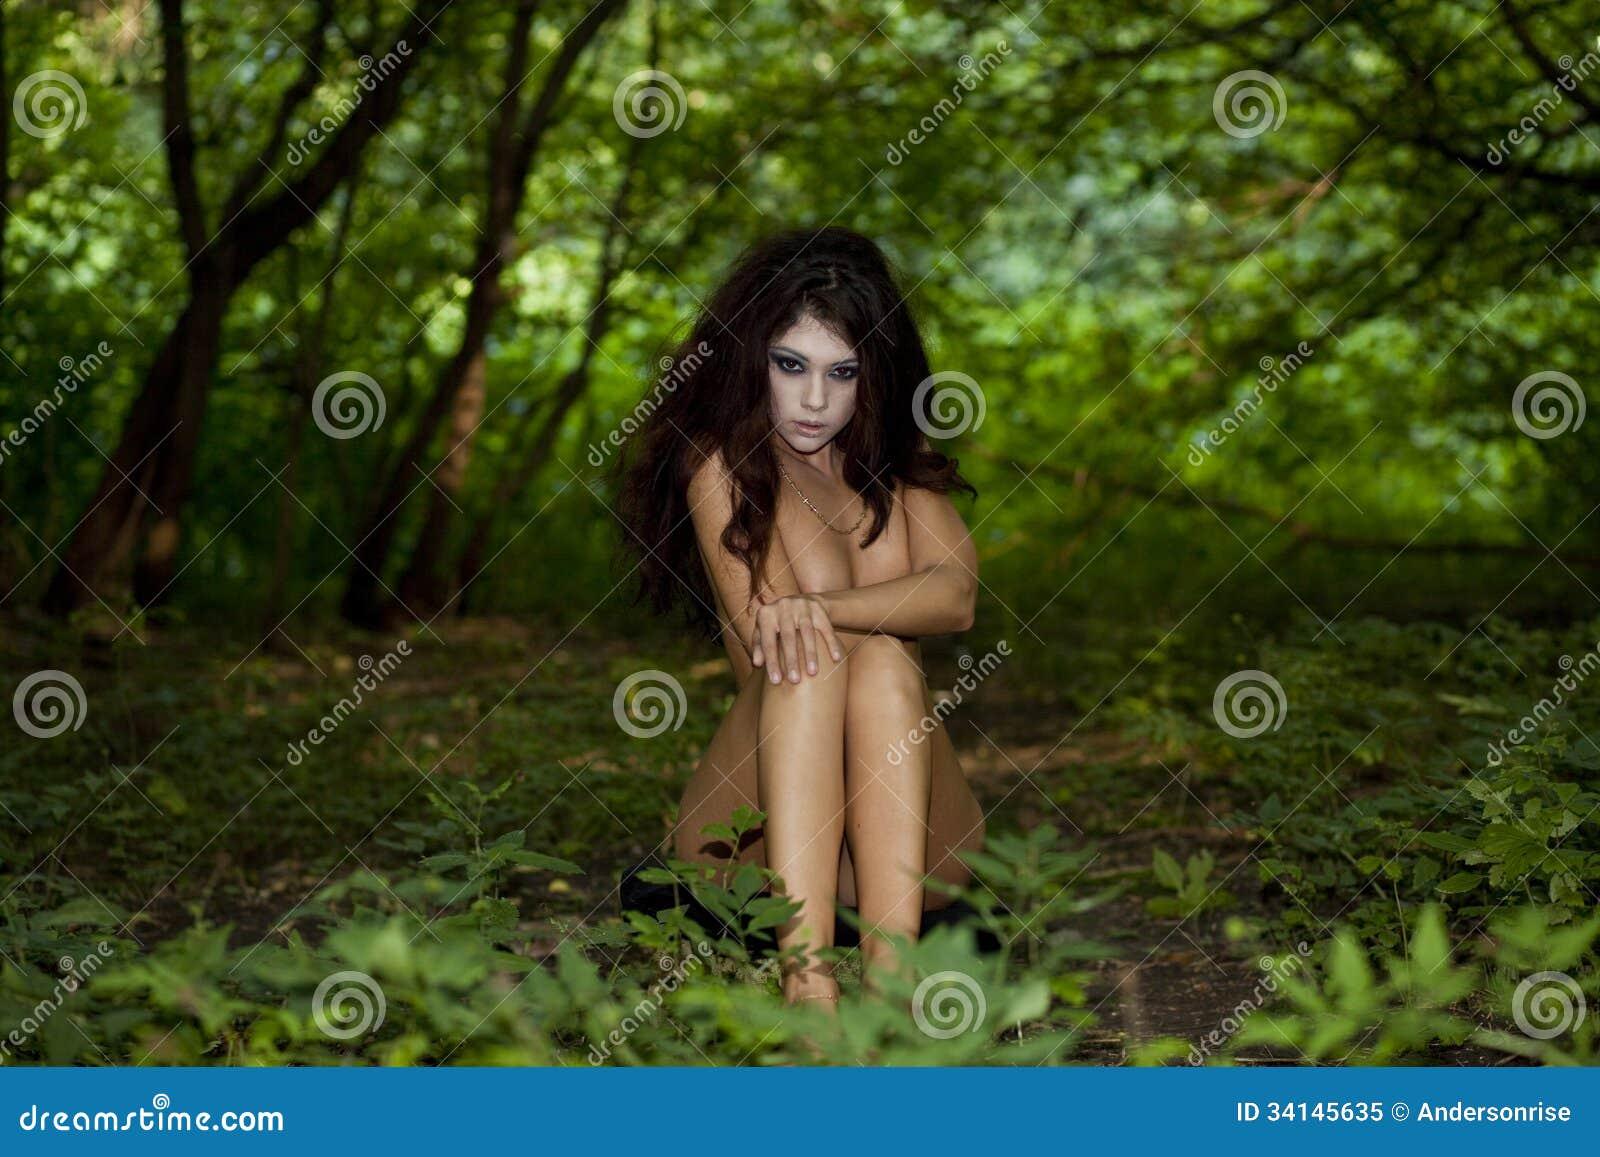 Femme nue dans la fort PHOTO - Hormonemalecom Le